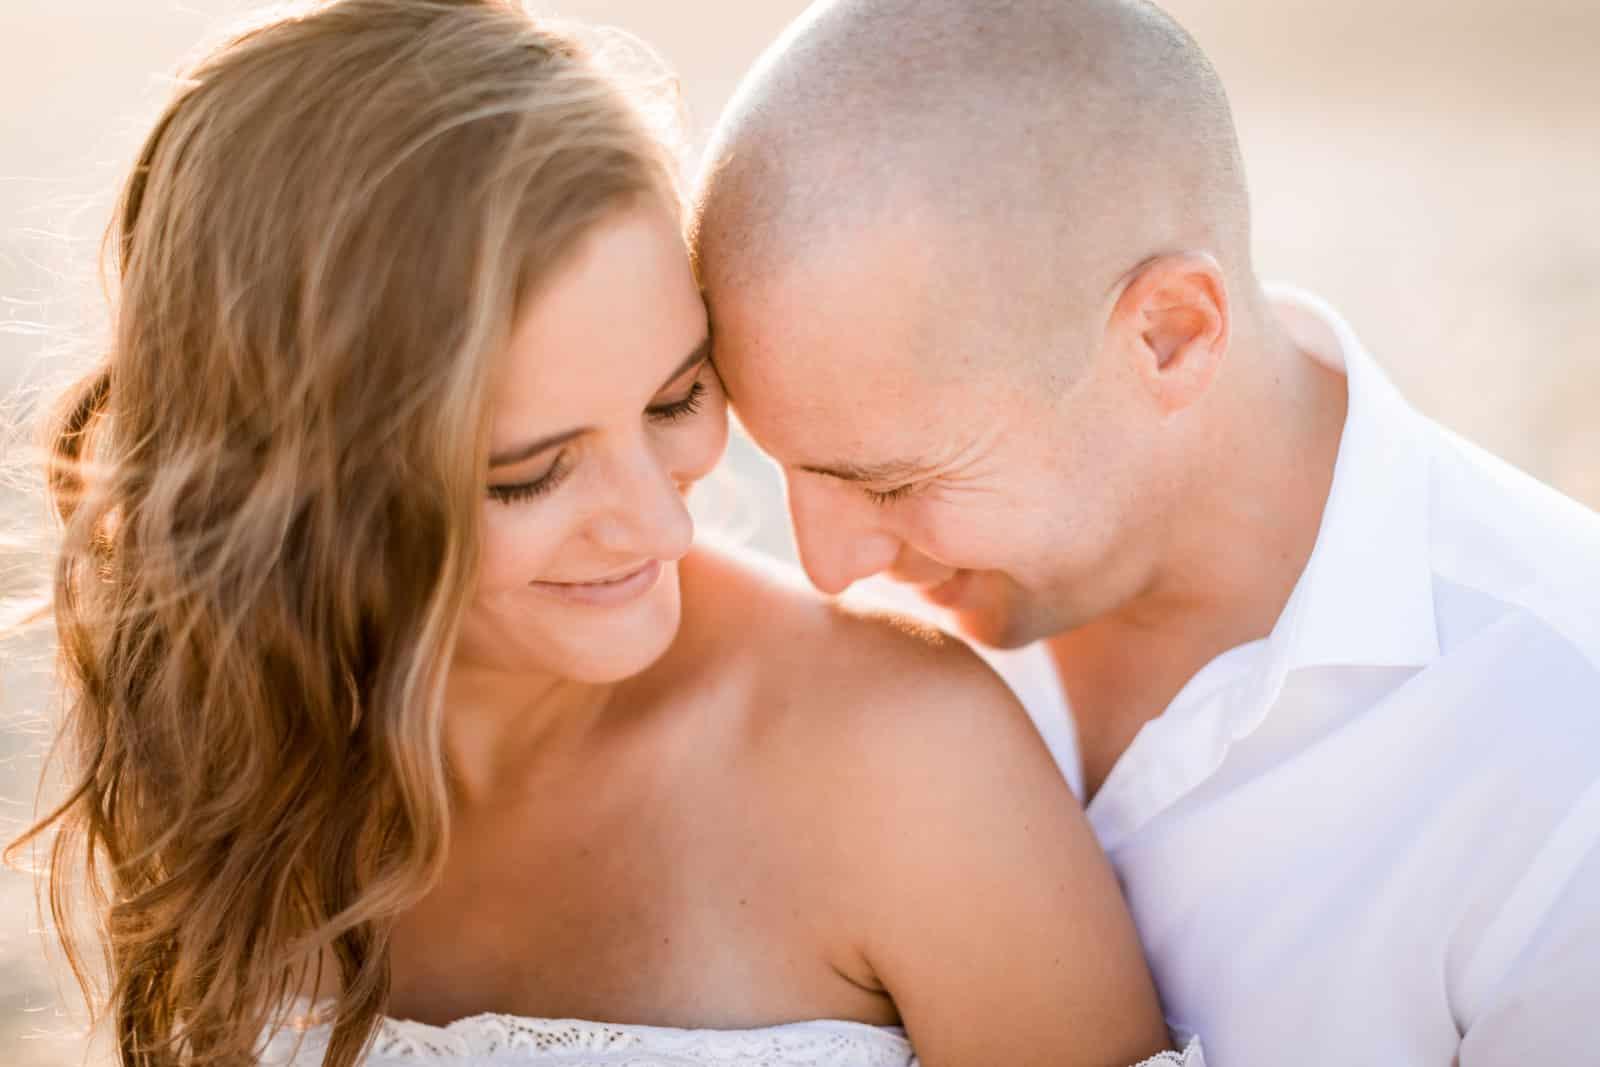 Photographie de Mathieu Dété, photographe de mariage et naissance à Saint-Gilles de la Réunion 974, présentant des futurs parents amoureux sur la plage lors d'une séance grossesse